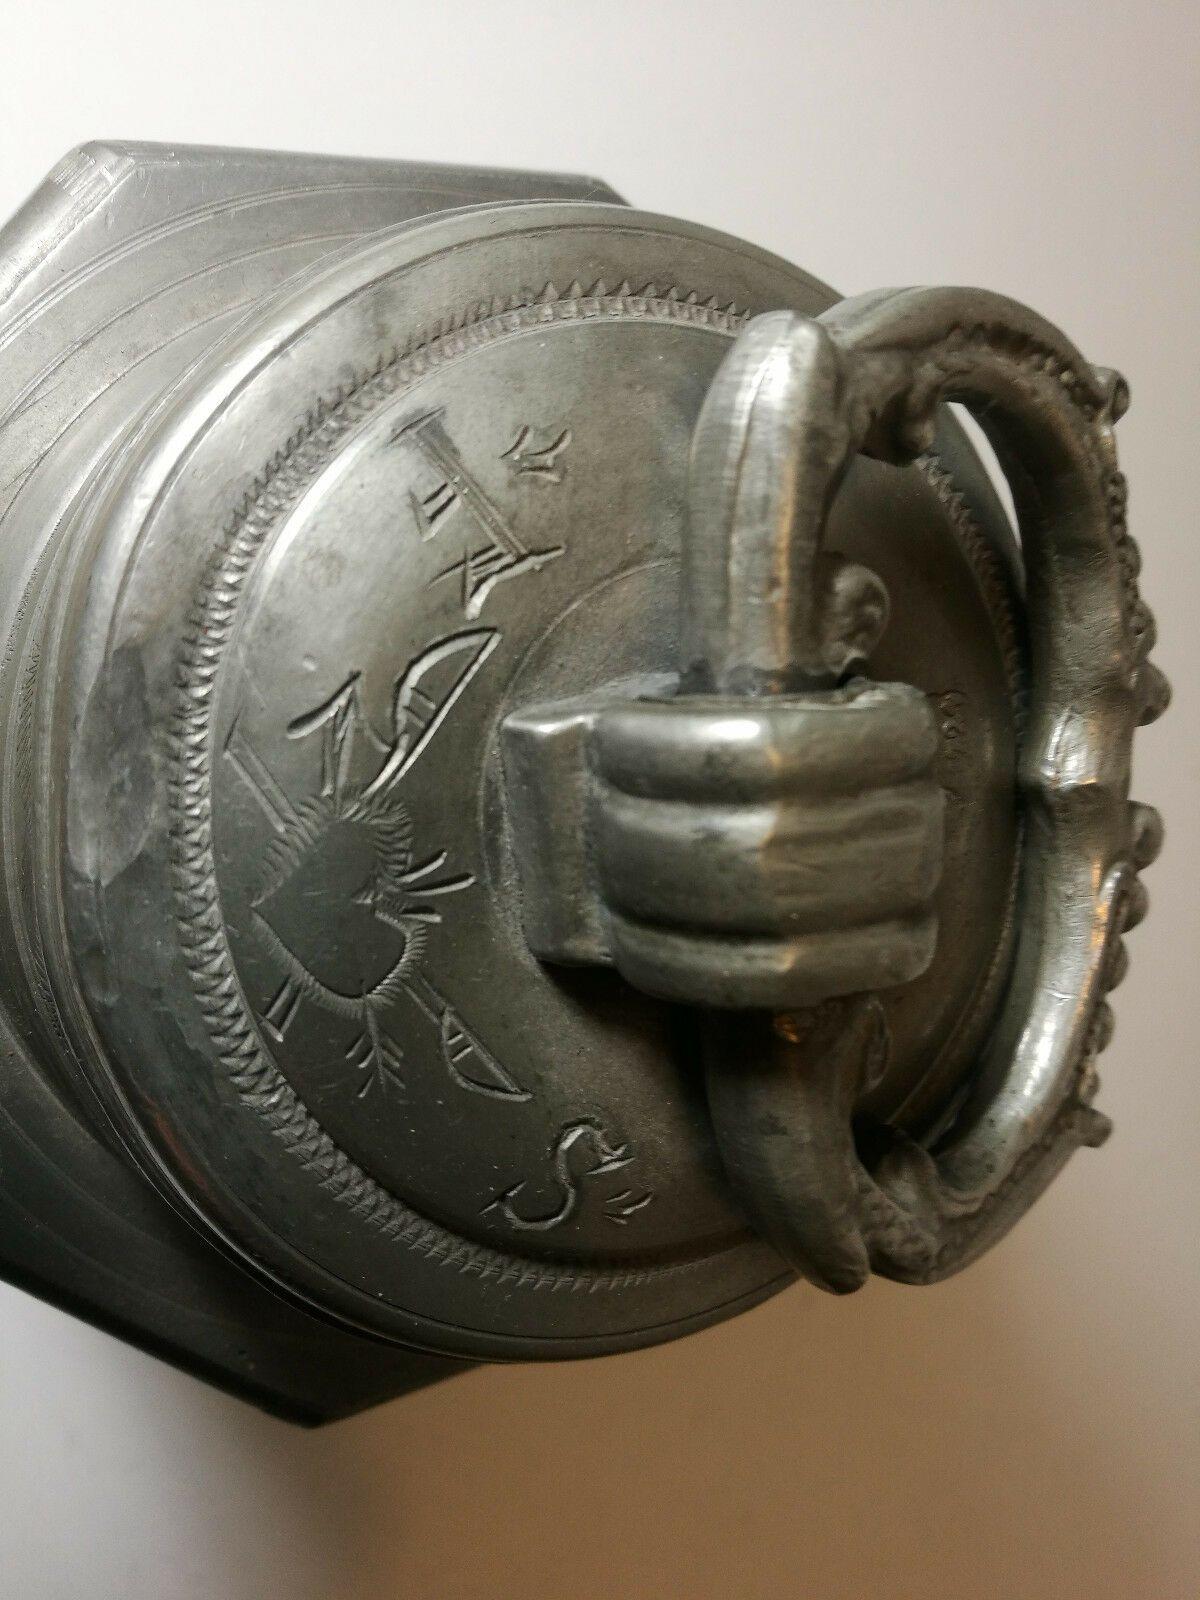 1724 Schraubkanne Schraubflasche Barock Zinn Pewter Bottle Ebay Zinn Flaschen Ebay